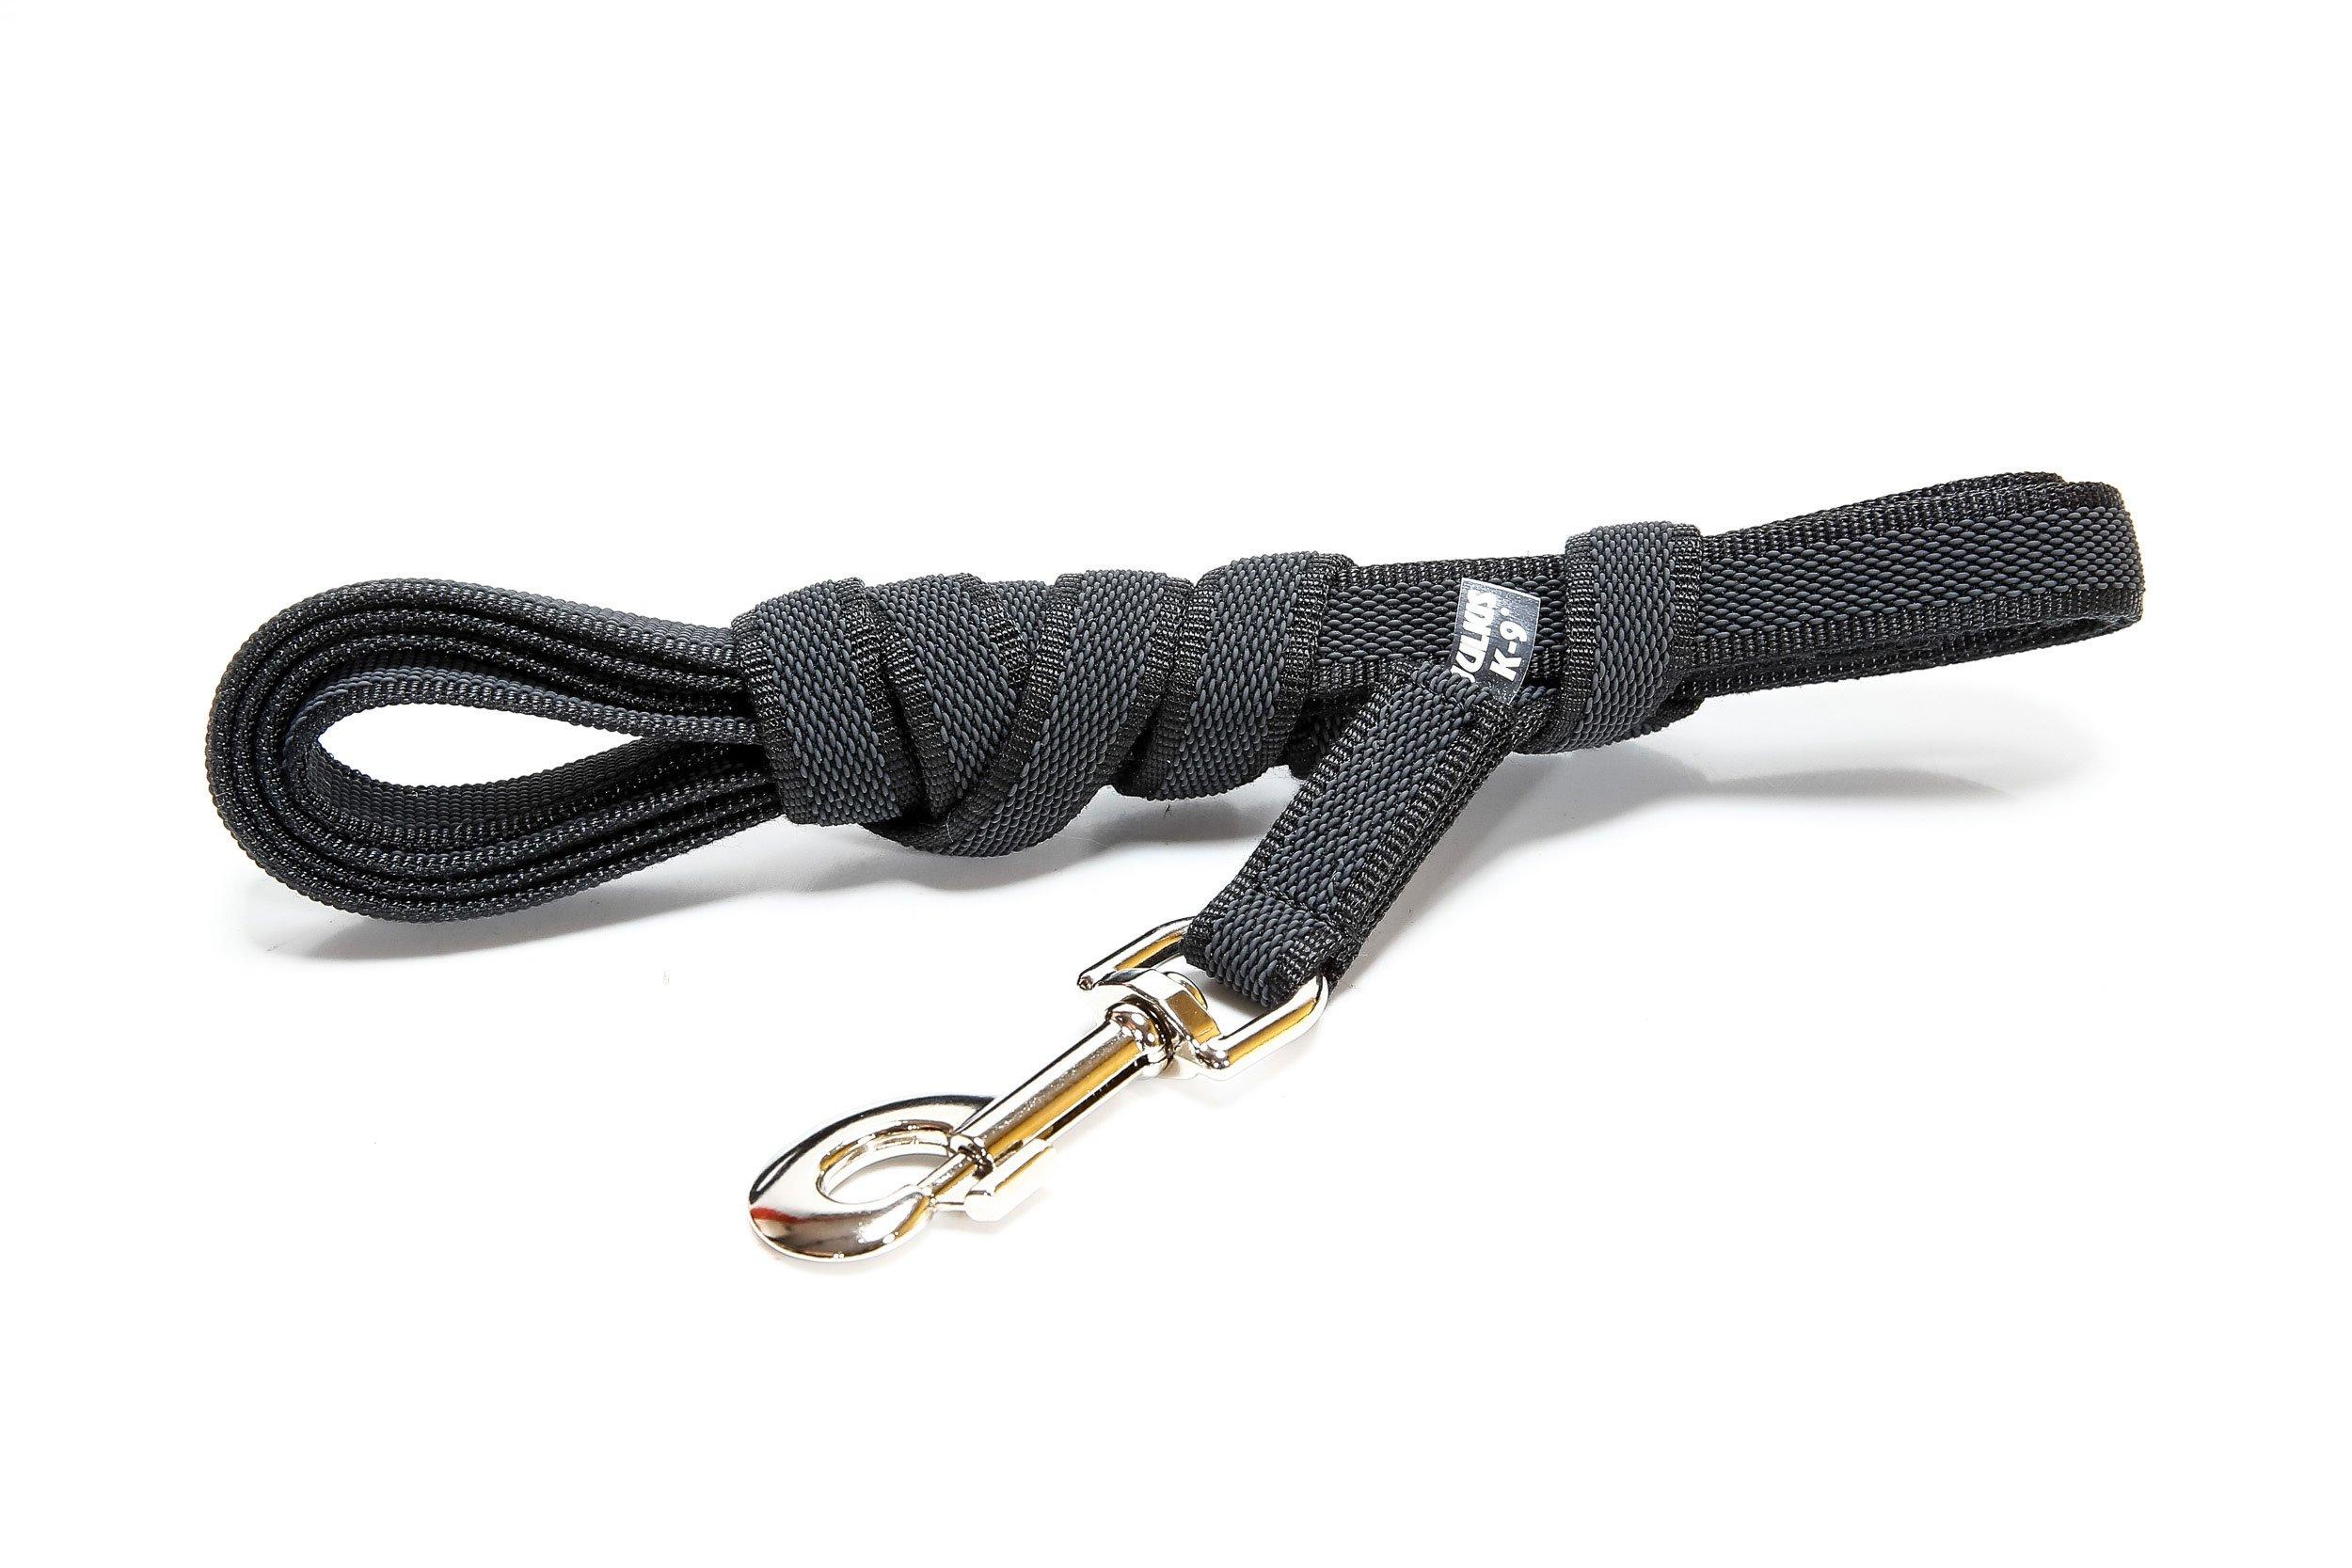 Julius-K9 Color & Gray Correa de Perro del Estupendo-Apretón con Asa, 14 mm x 3 m, Negro y Gris, 1.4 cm